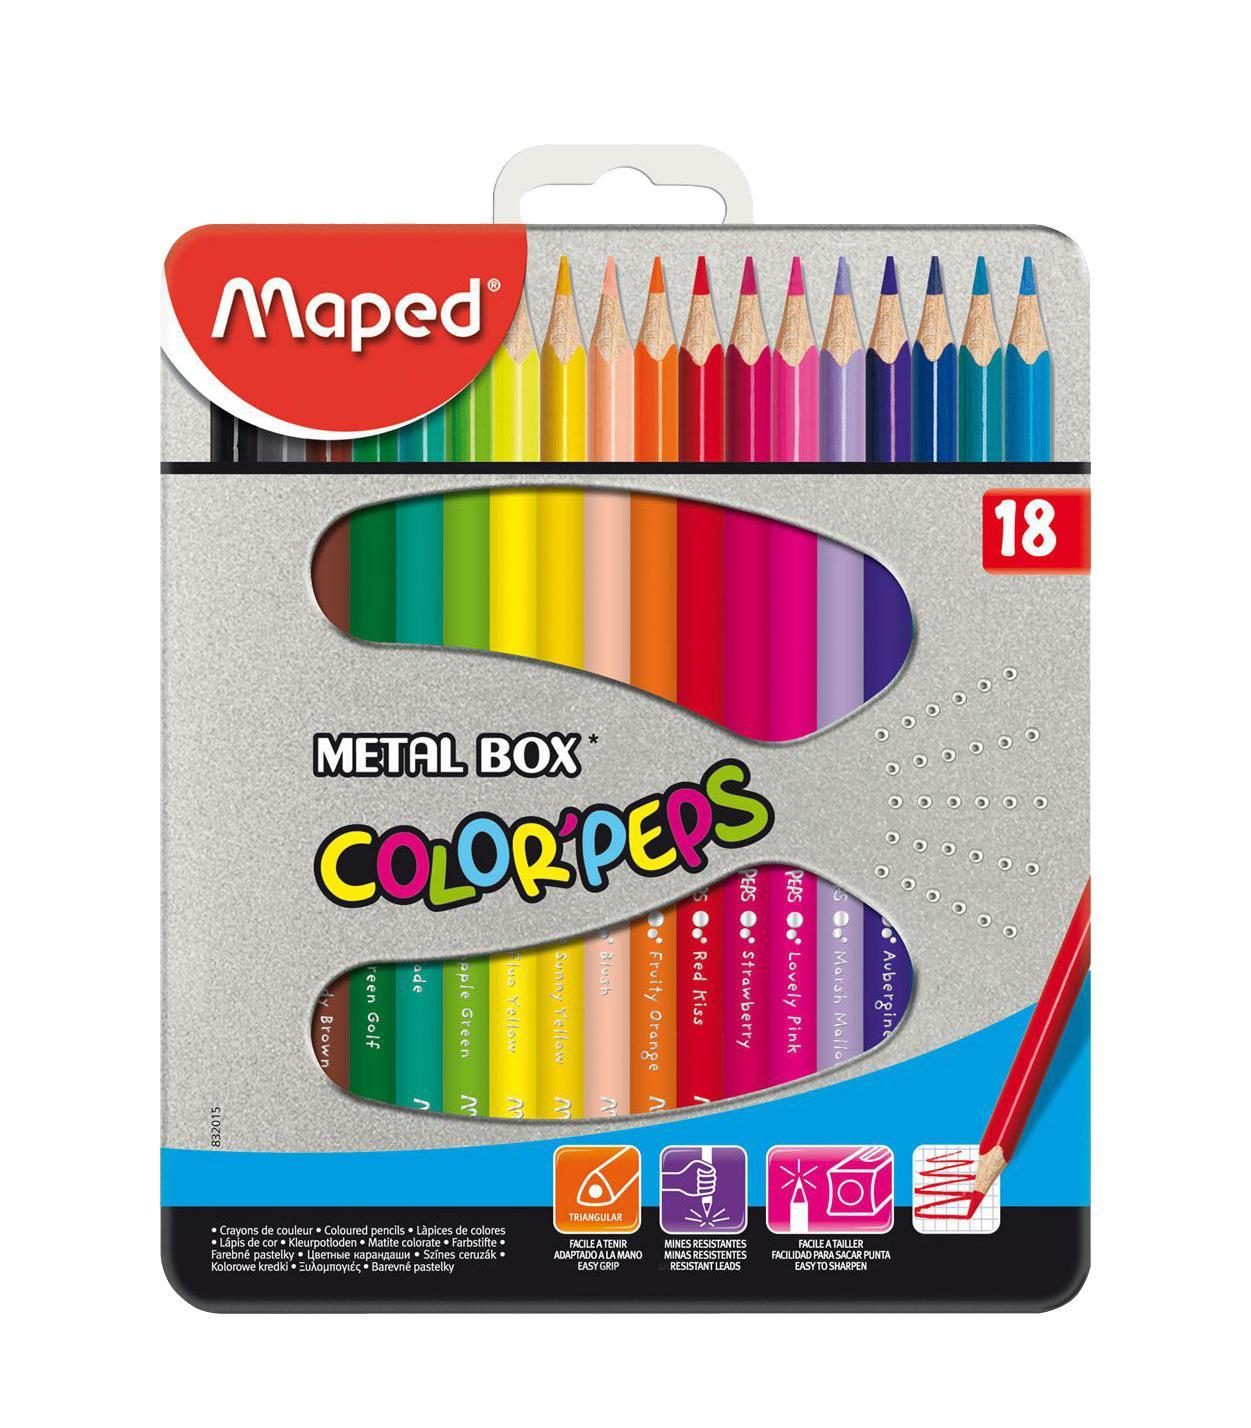 Карандаши цветные Maped Color Peps, в металлическом футляре, 18 цветов832015В процессе рисования у малышей развивается наглядно-образное мышление, воображение, мелкая моторика рук, творческие и художественные способности, вырабатывается усидчивость и аккуратность. Набор содержит карандаши 18 ярких насыщенных цветов, упакованных в прочный металлический футляр. Все карандаши предварительно заточены. Цветные карандаши Color Peps разработаны специально для самых маленьких художников, которые только начинают свой творческий путь. Эргономичный трехгранный корпус из американской липы особенно удобен для маленьких детских ручек. Специальное покрытие и многослойная лакировка уменьшают скольжение, что делает процесс рисования максимально комфортным. Мягкий, ударопрочный грифель не ломается и не крошится при заточке. В процессе рисования у малышей развивается наглядно-образное мышление, воображение, мелкая моторика рук, творческие и художественные способности, вырабатывается усидчивость и аккуратность.Набор содержит карандаши 12 ярких насыщенных цветов, упакованных в прочный металлический футляр. Все карандаши предварительно заточены. Характеристики:Материал: грифель, дерево. Длина карандаша: 17,5 см. Диаметр карандаша: 0,7 см. Размер упаковки:16 см х 19 см х 1,5 см. Изготовитель: Китай.